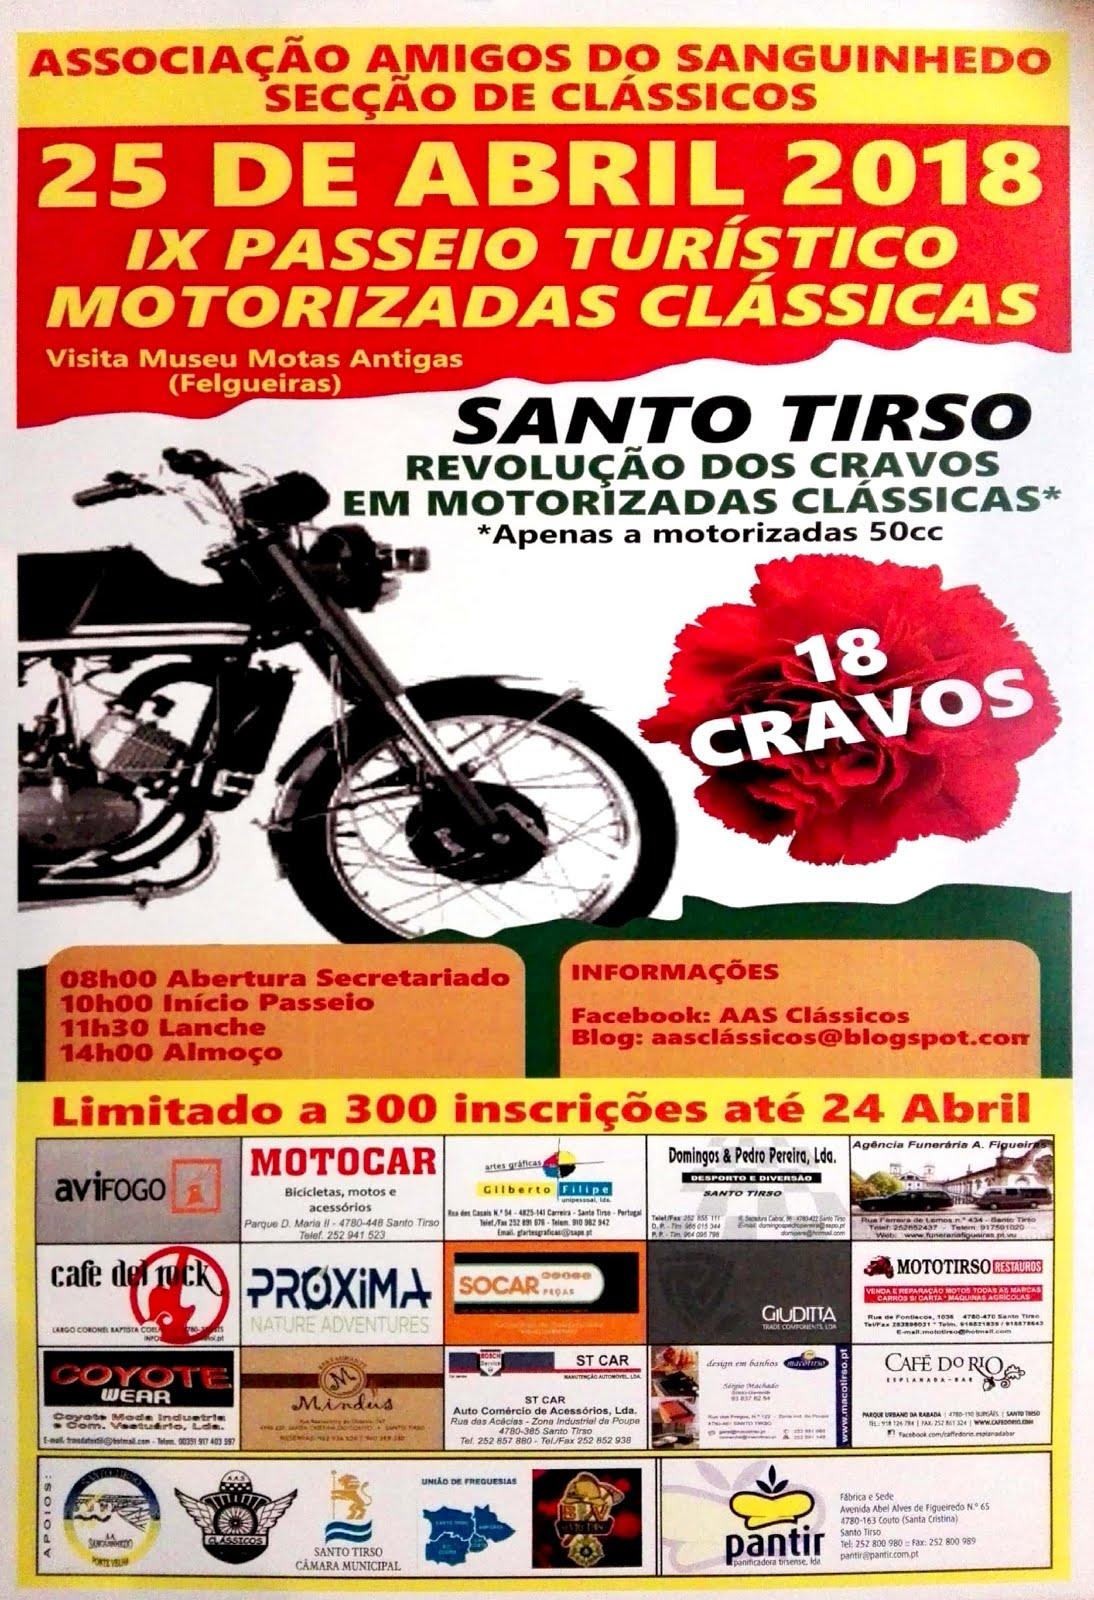 IX Passeio Turístico de Motorizadas Clássicas - 25 Abril 2018